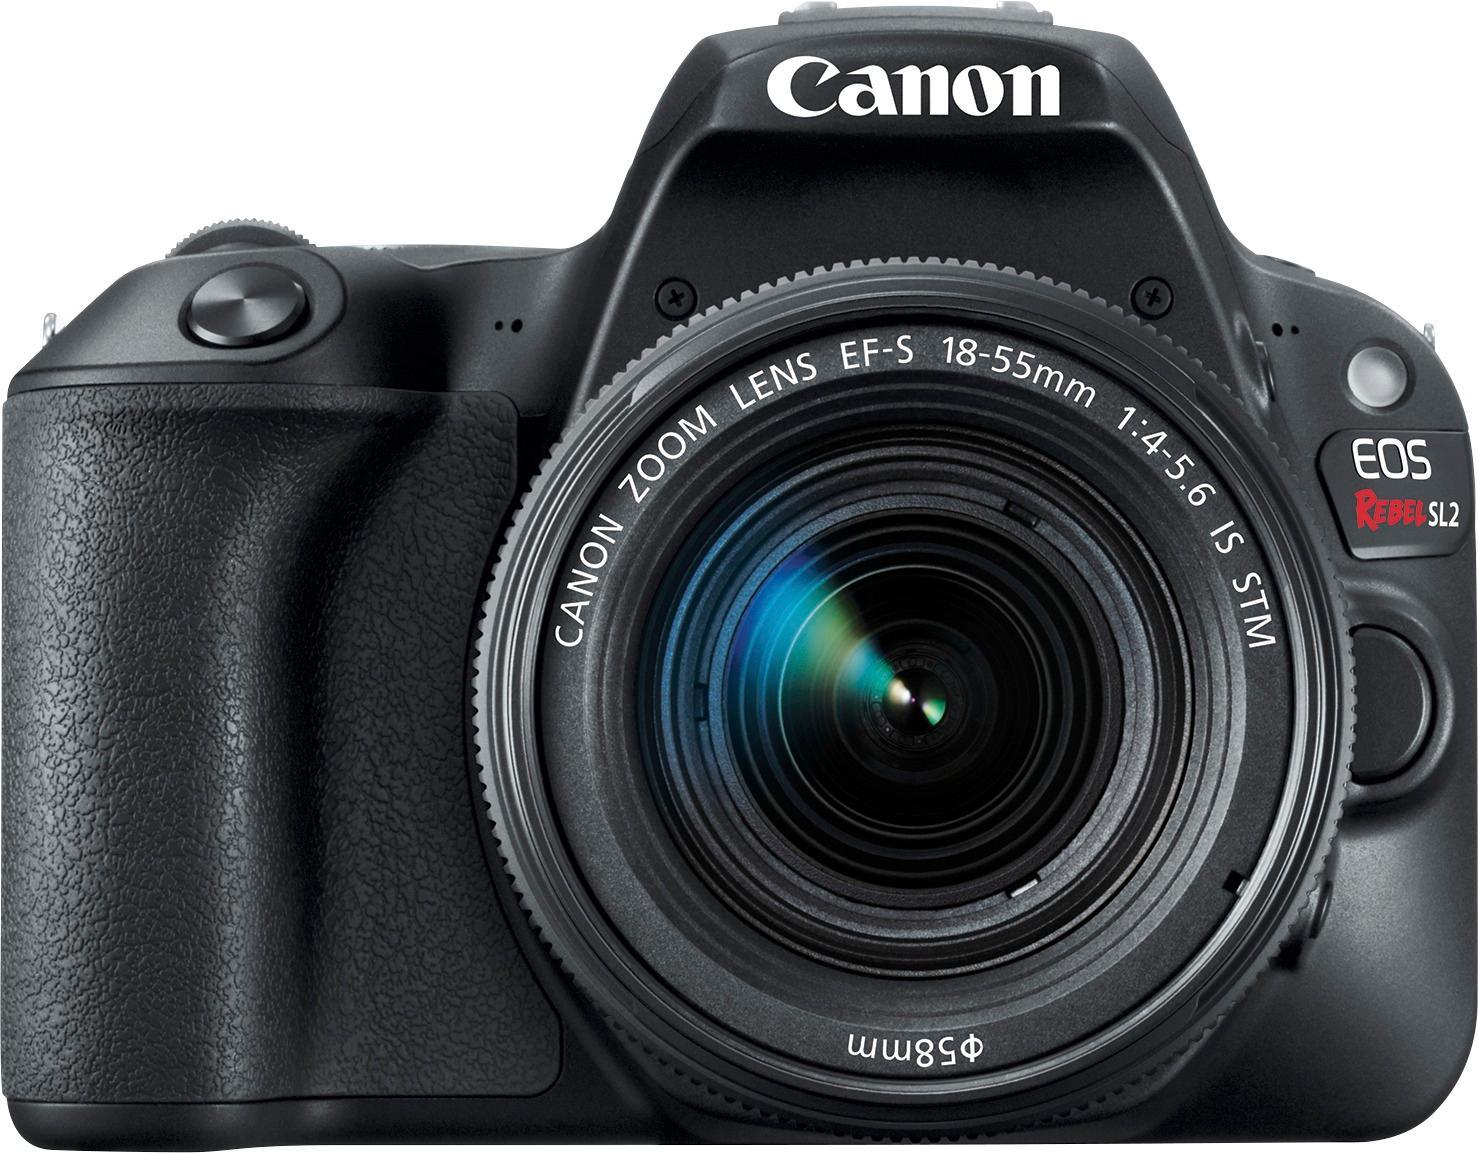 canon-eos-rebel-sl2-dslr-camera-with-ef-s-18-55mm-is-stm-lens-black